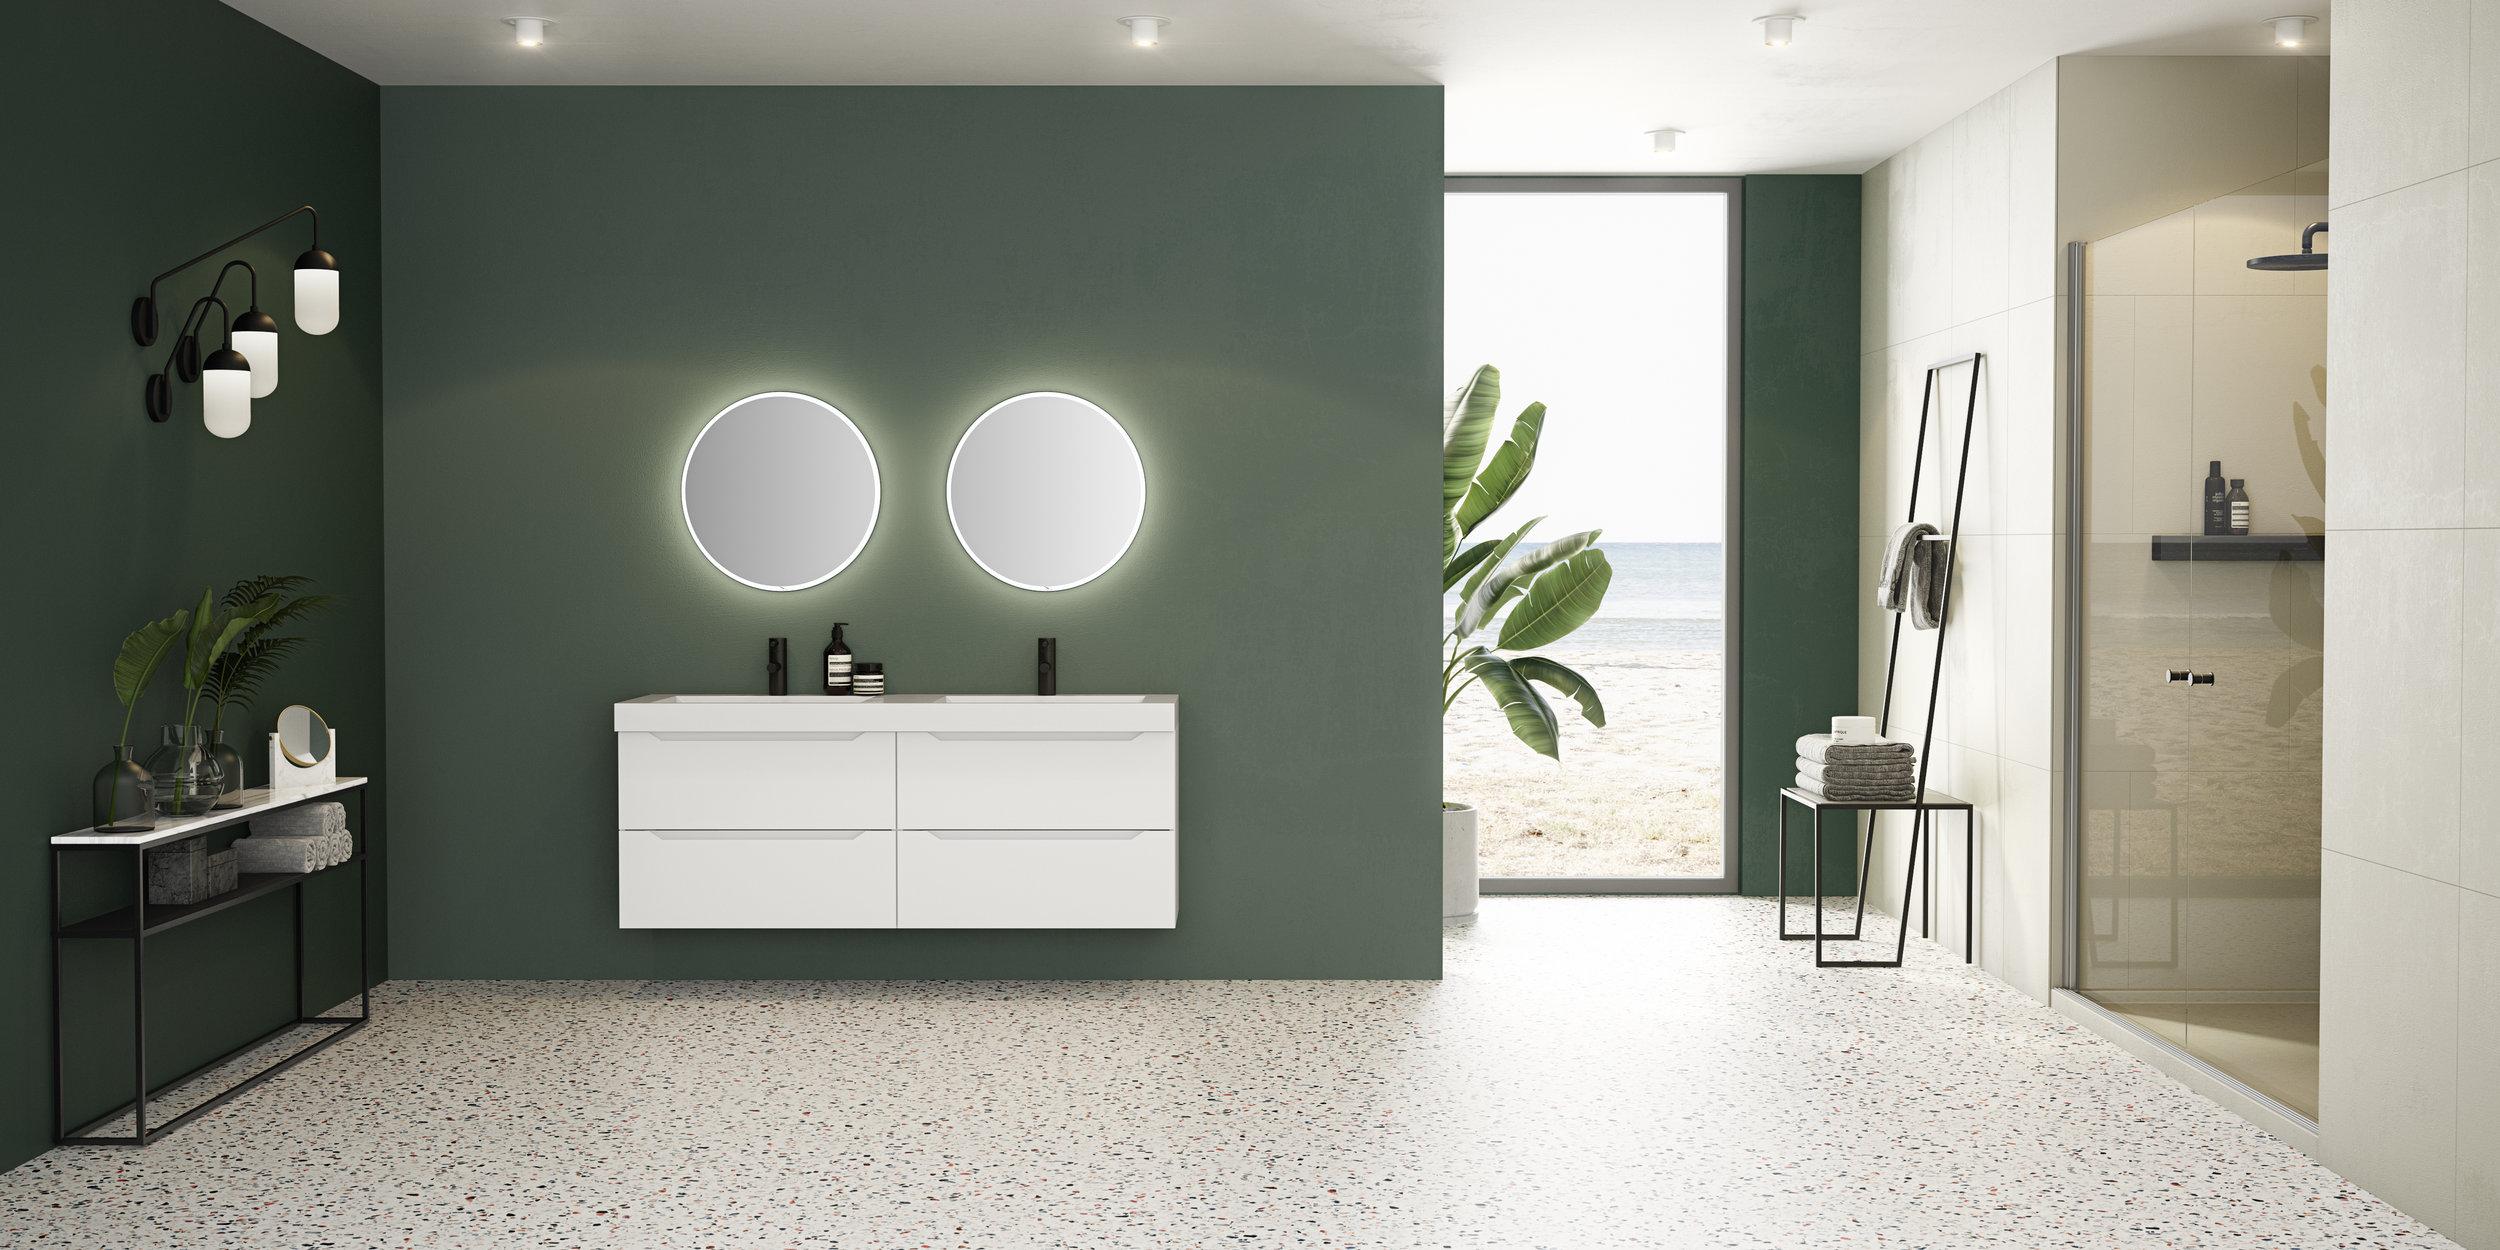 601. Emma kvit matt 160 cm med FINDEN speil 2 x 60.jpg